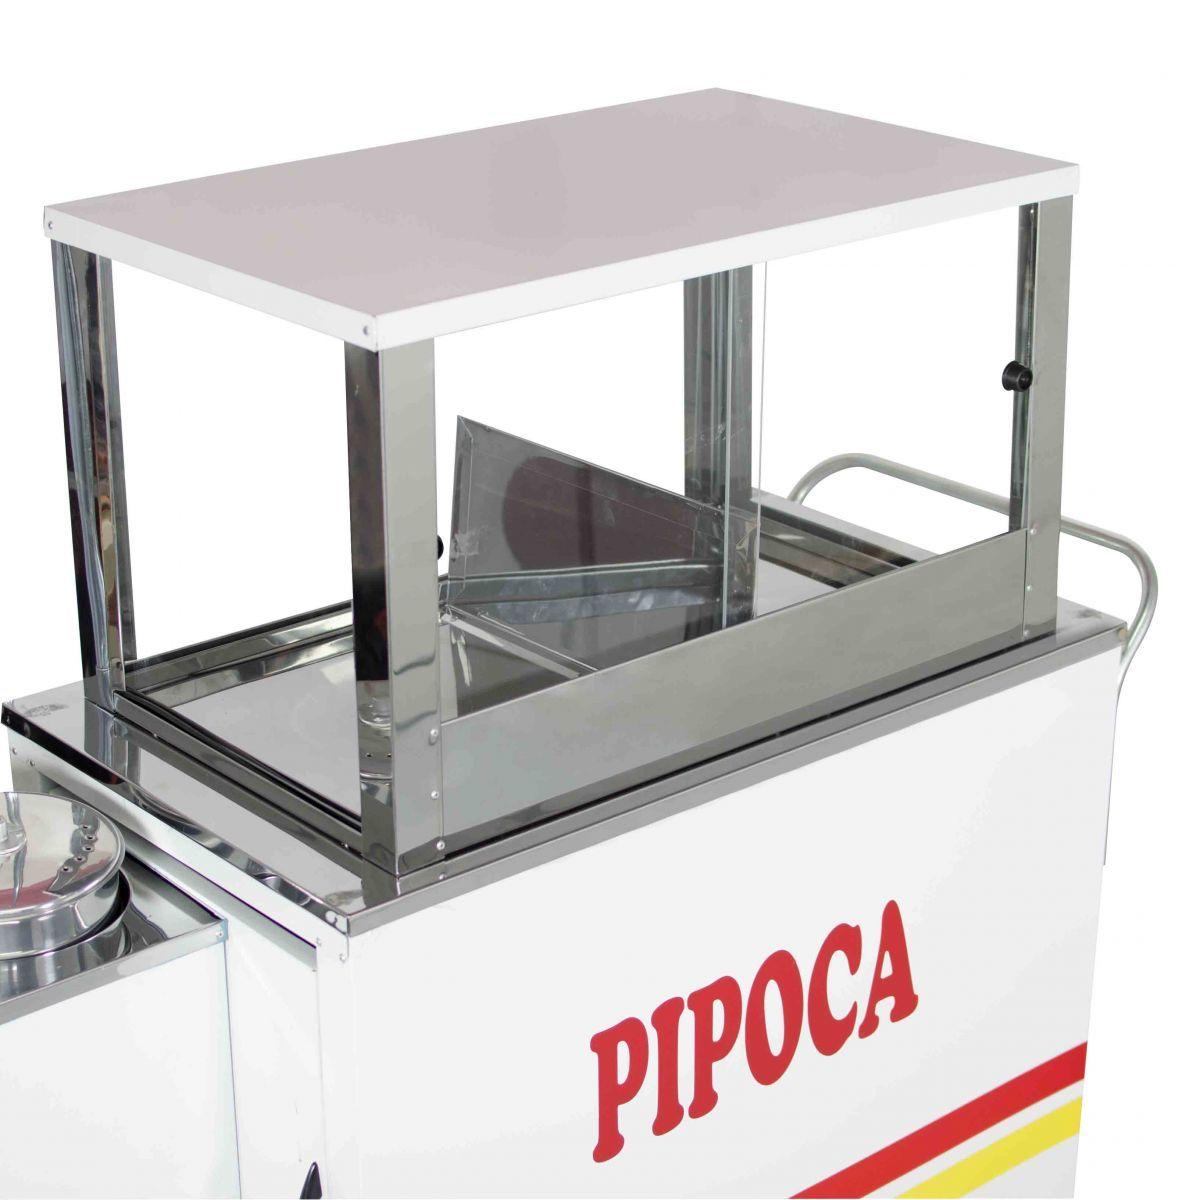 Carrinho de Pipoca Doce e Salgada a Gás com Roda Pneumática